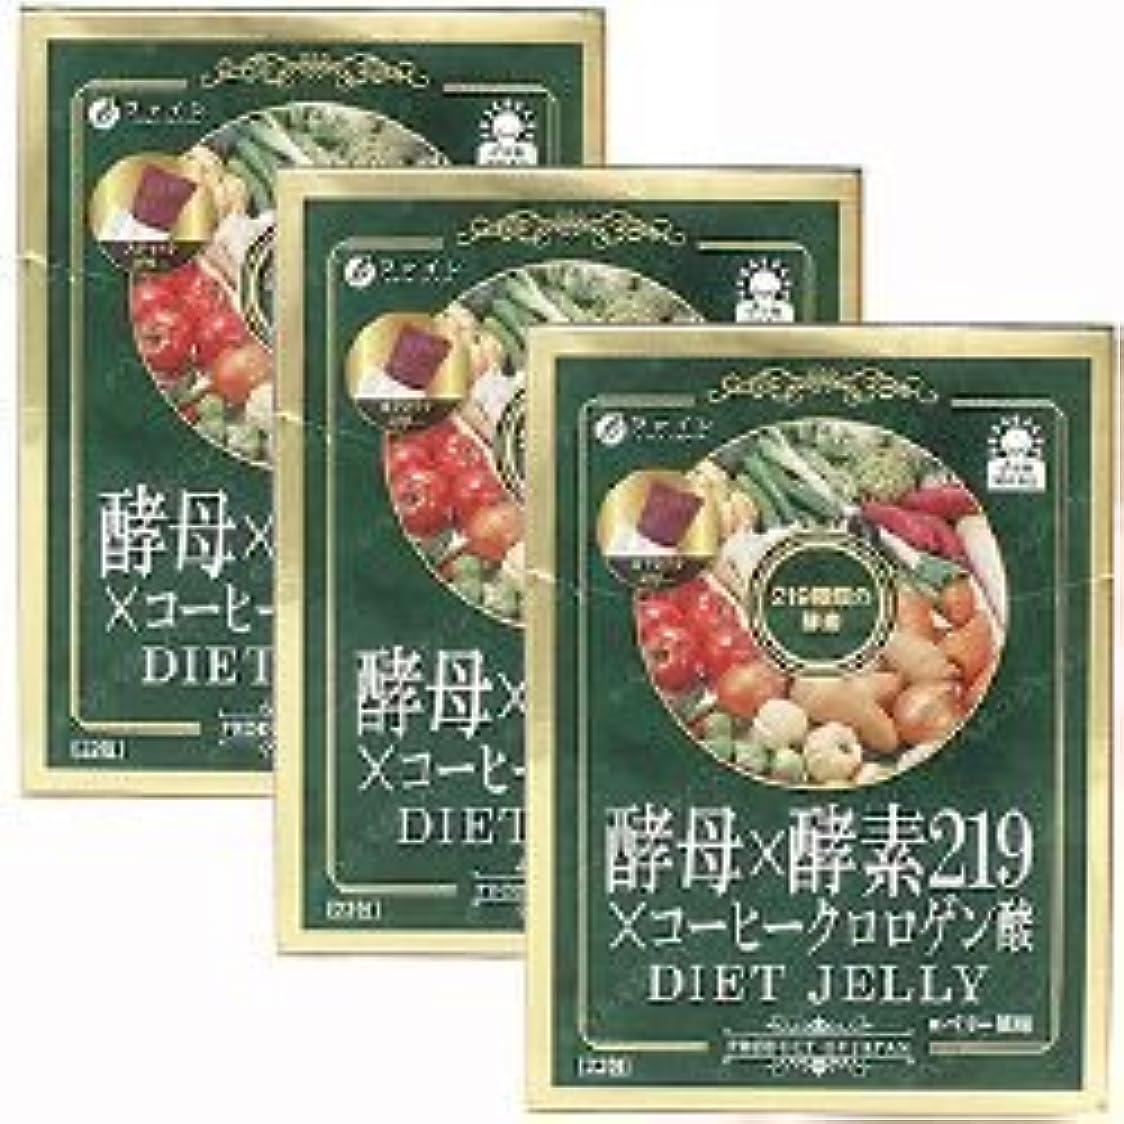 買収支給精緻化酵母×酵素219×コーヒークロロゲン酸ダイエット ゼリータイプ【3箱セット】ファイン